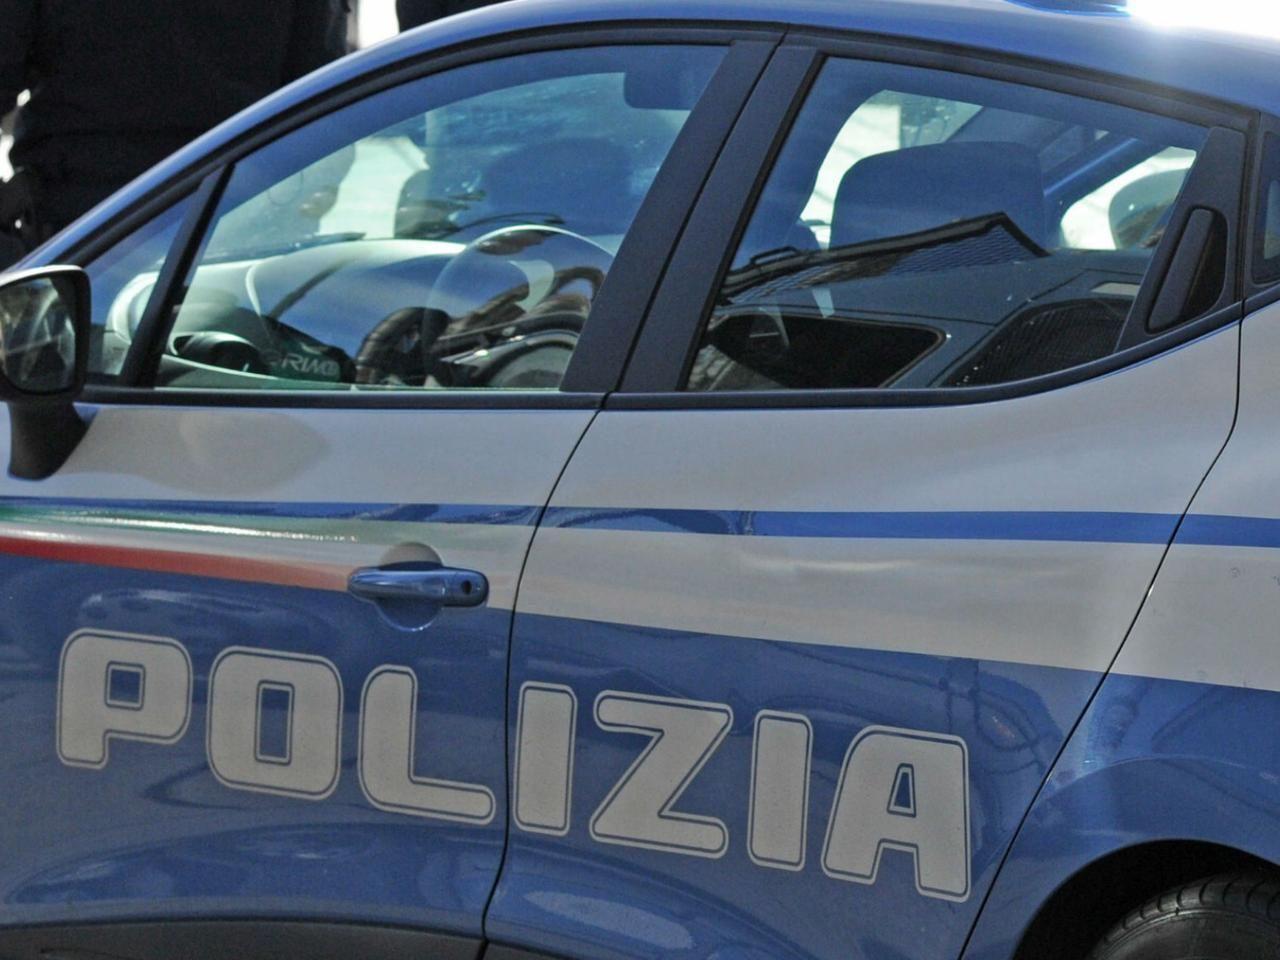 Via Stadera picchia genitori barrica casa arrestato